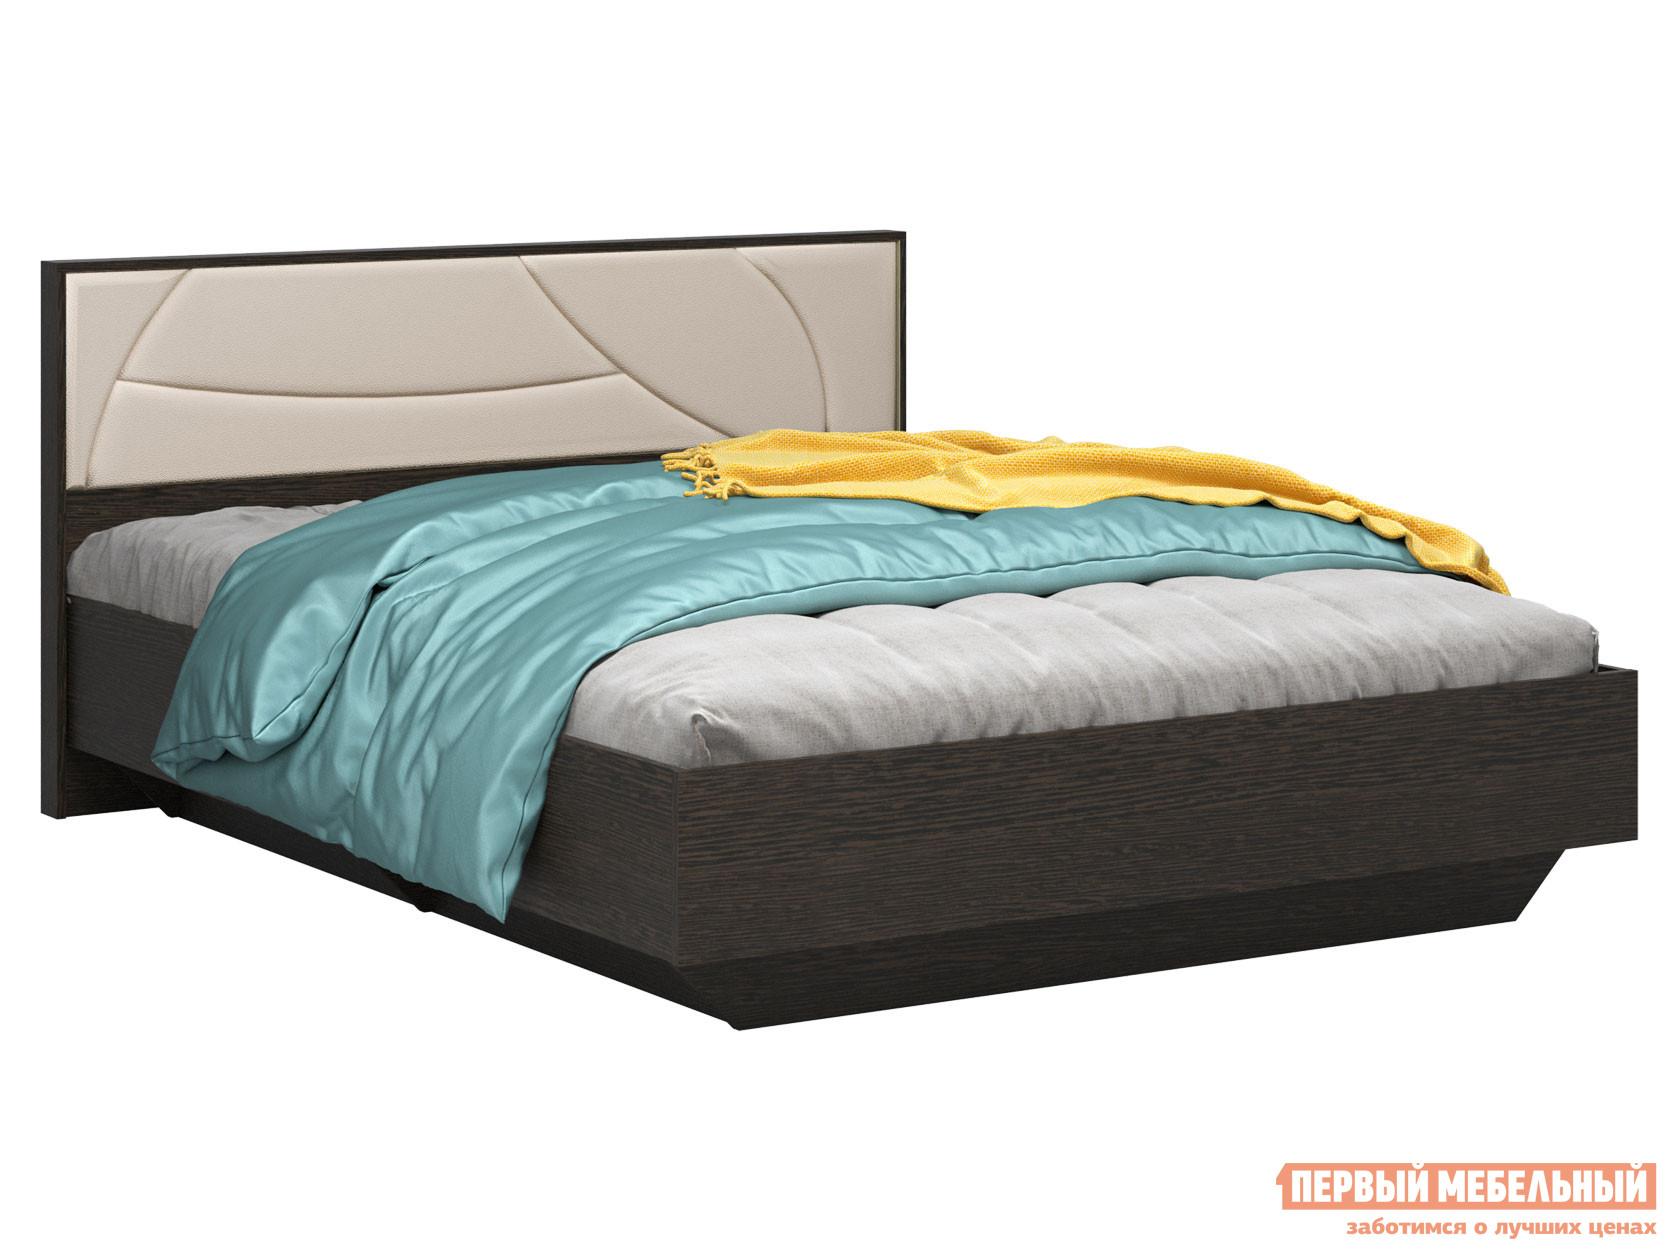 Односпальная кровать  Мирти Люкс Венге / Ваниль, экокожа, С анатомическим основанием